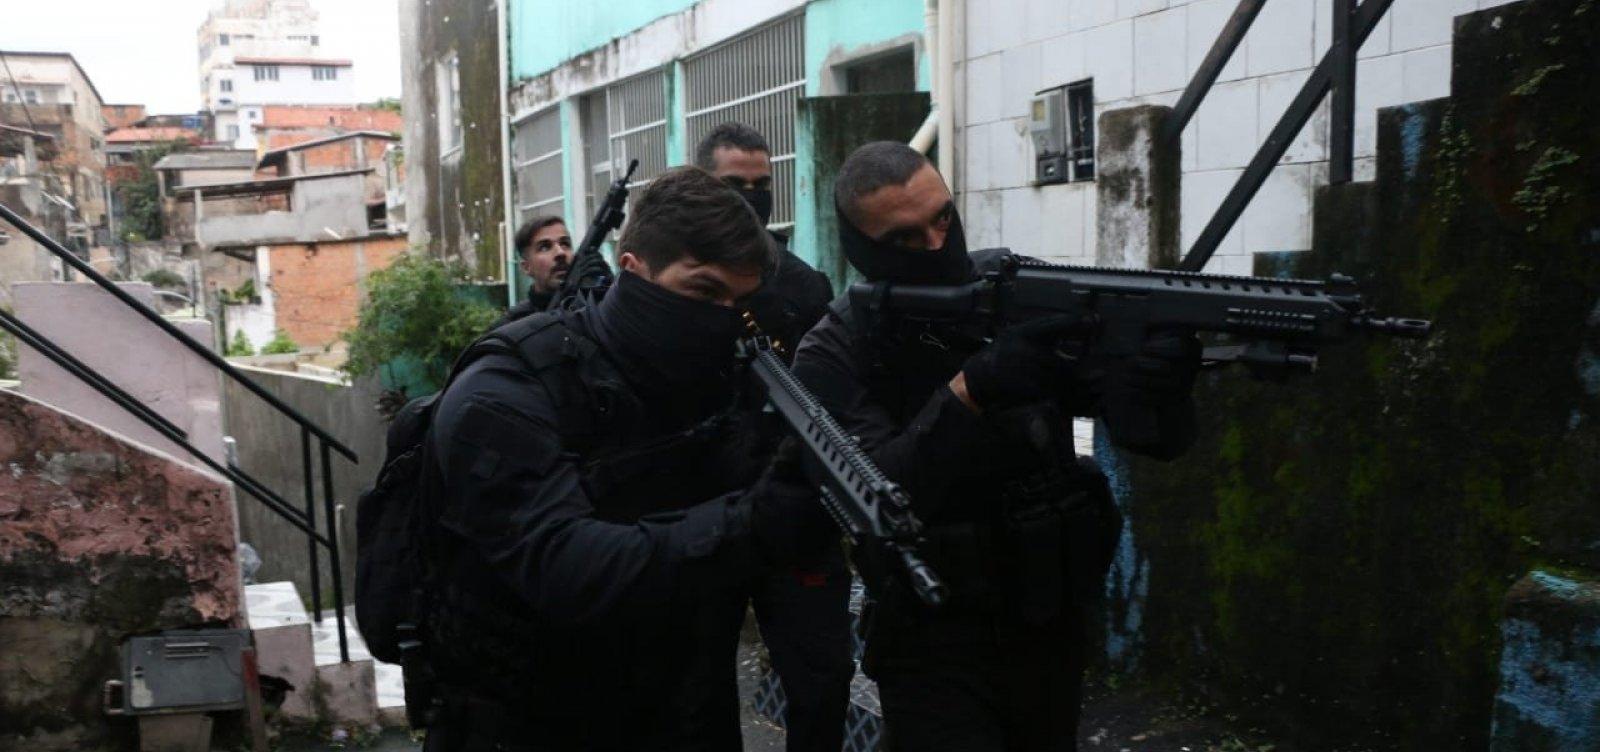 Em nova investida, polícia prende mais dois seguranças do Atakarejo